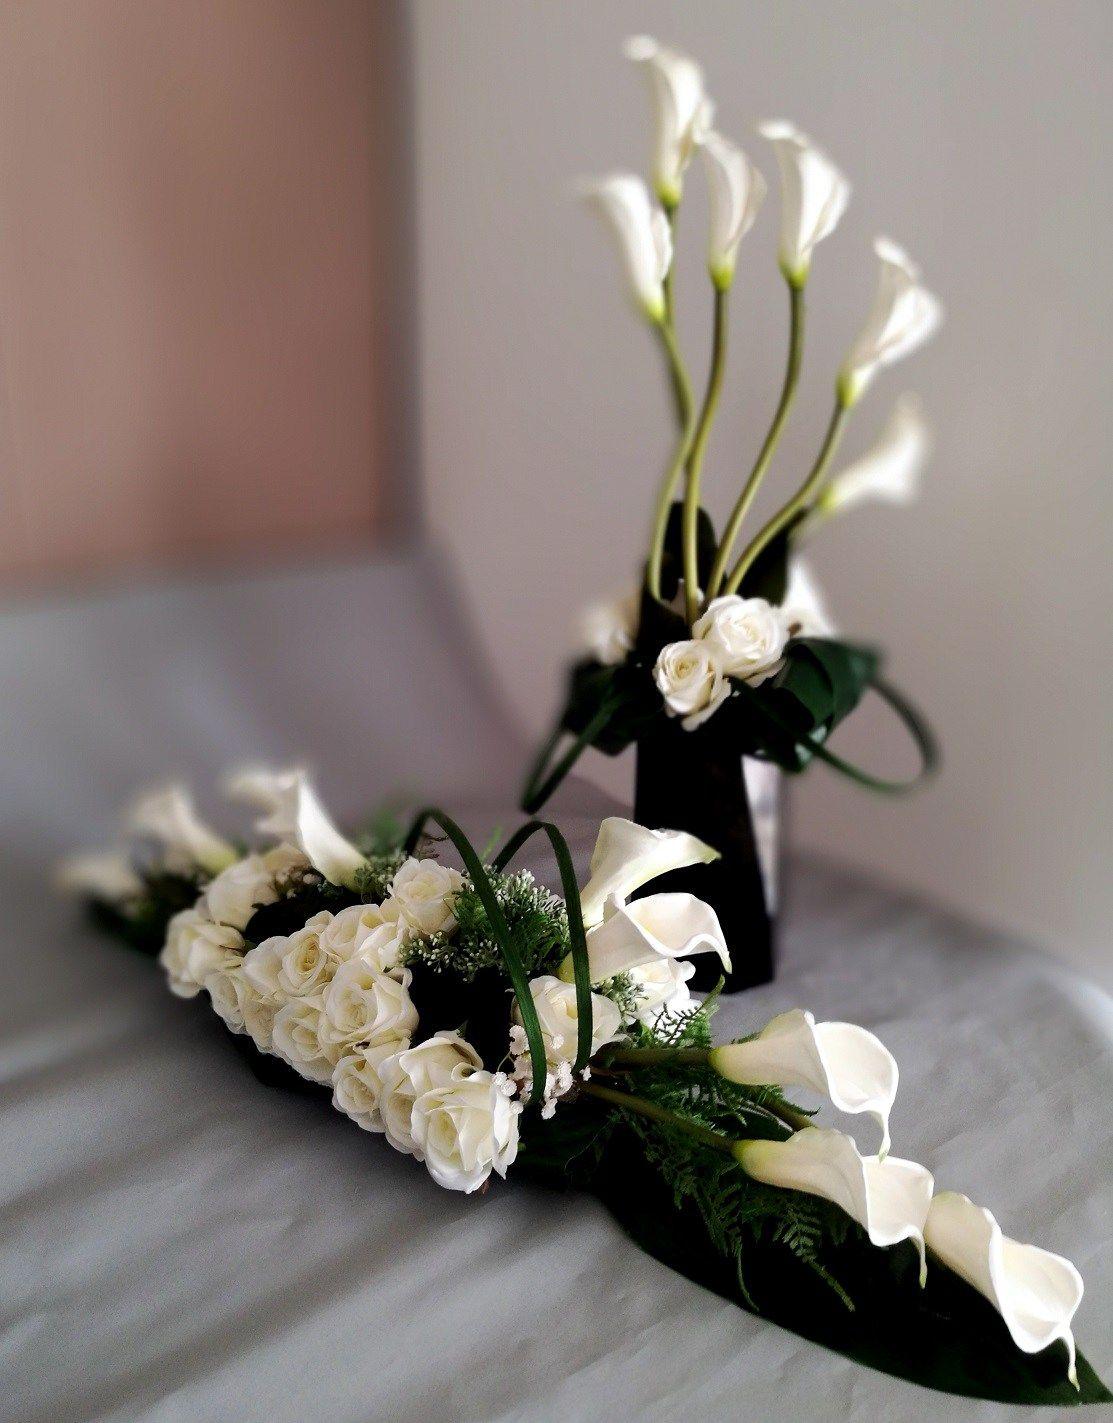 Nowoczesny Stroik Na Cmentarz W Bieli Nr 110 Swiateczne Atelier Creative Flower Arrangements Ikebana Flower Arrangement Flower Decorations